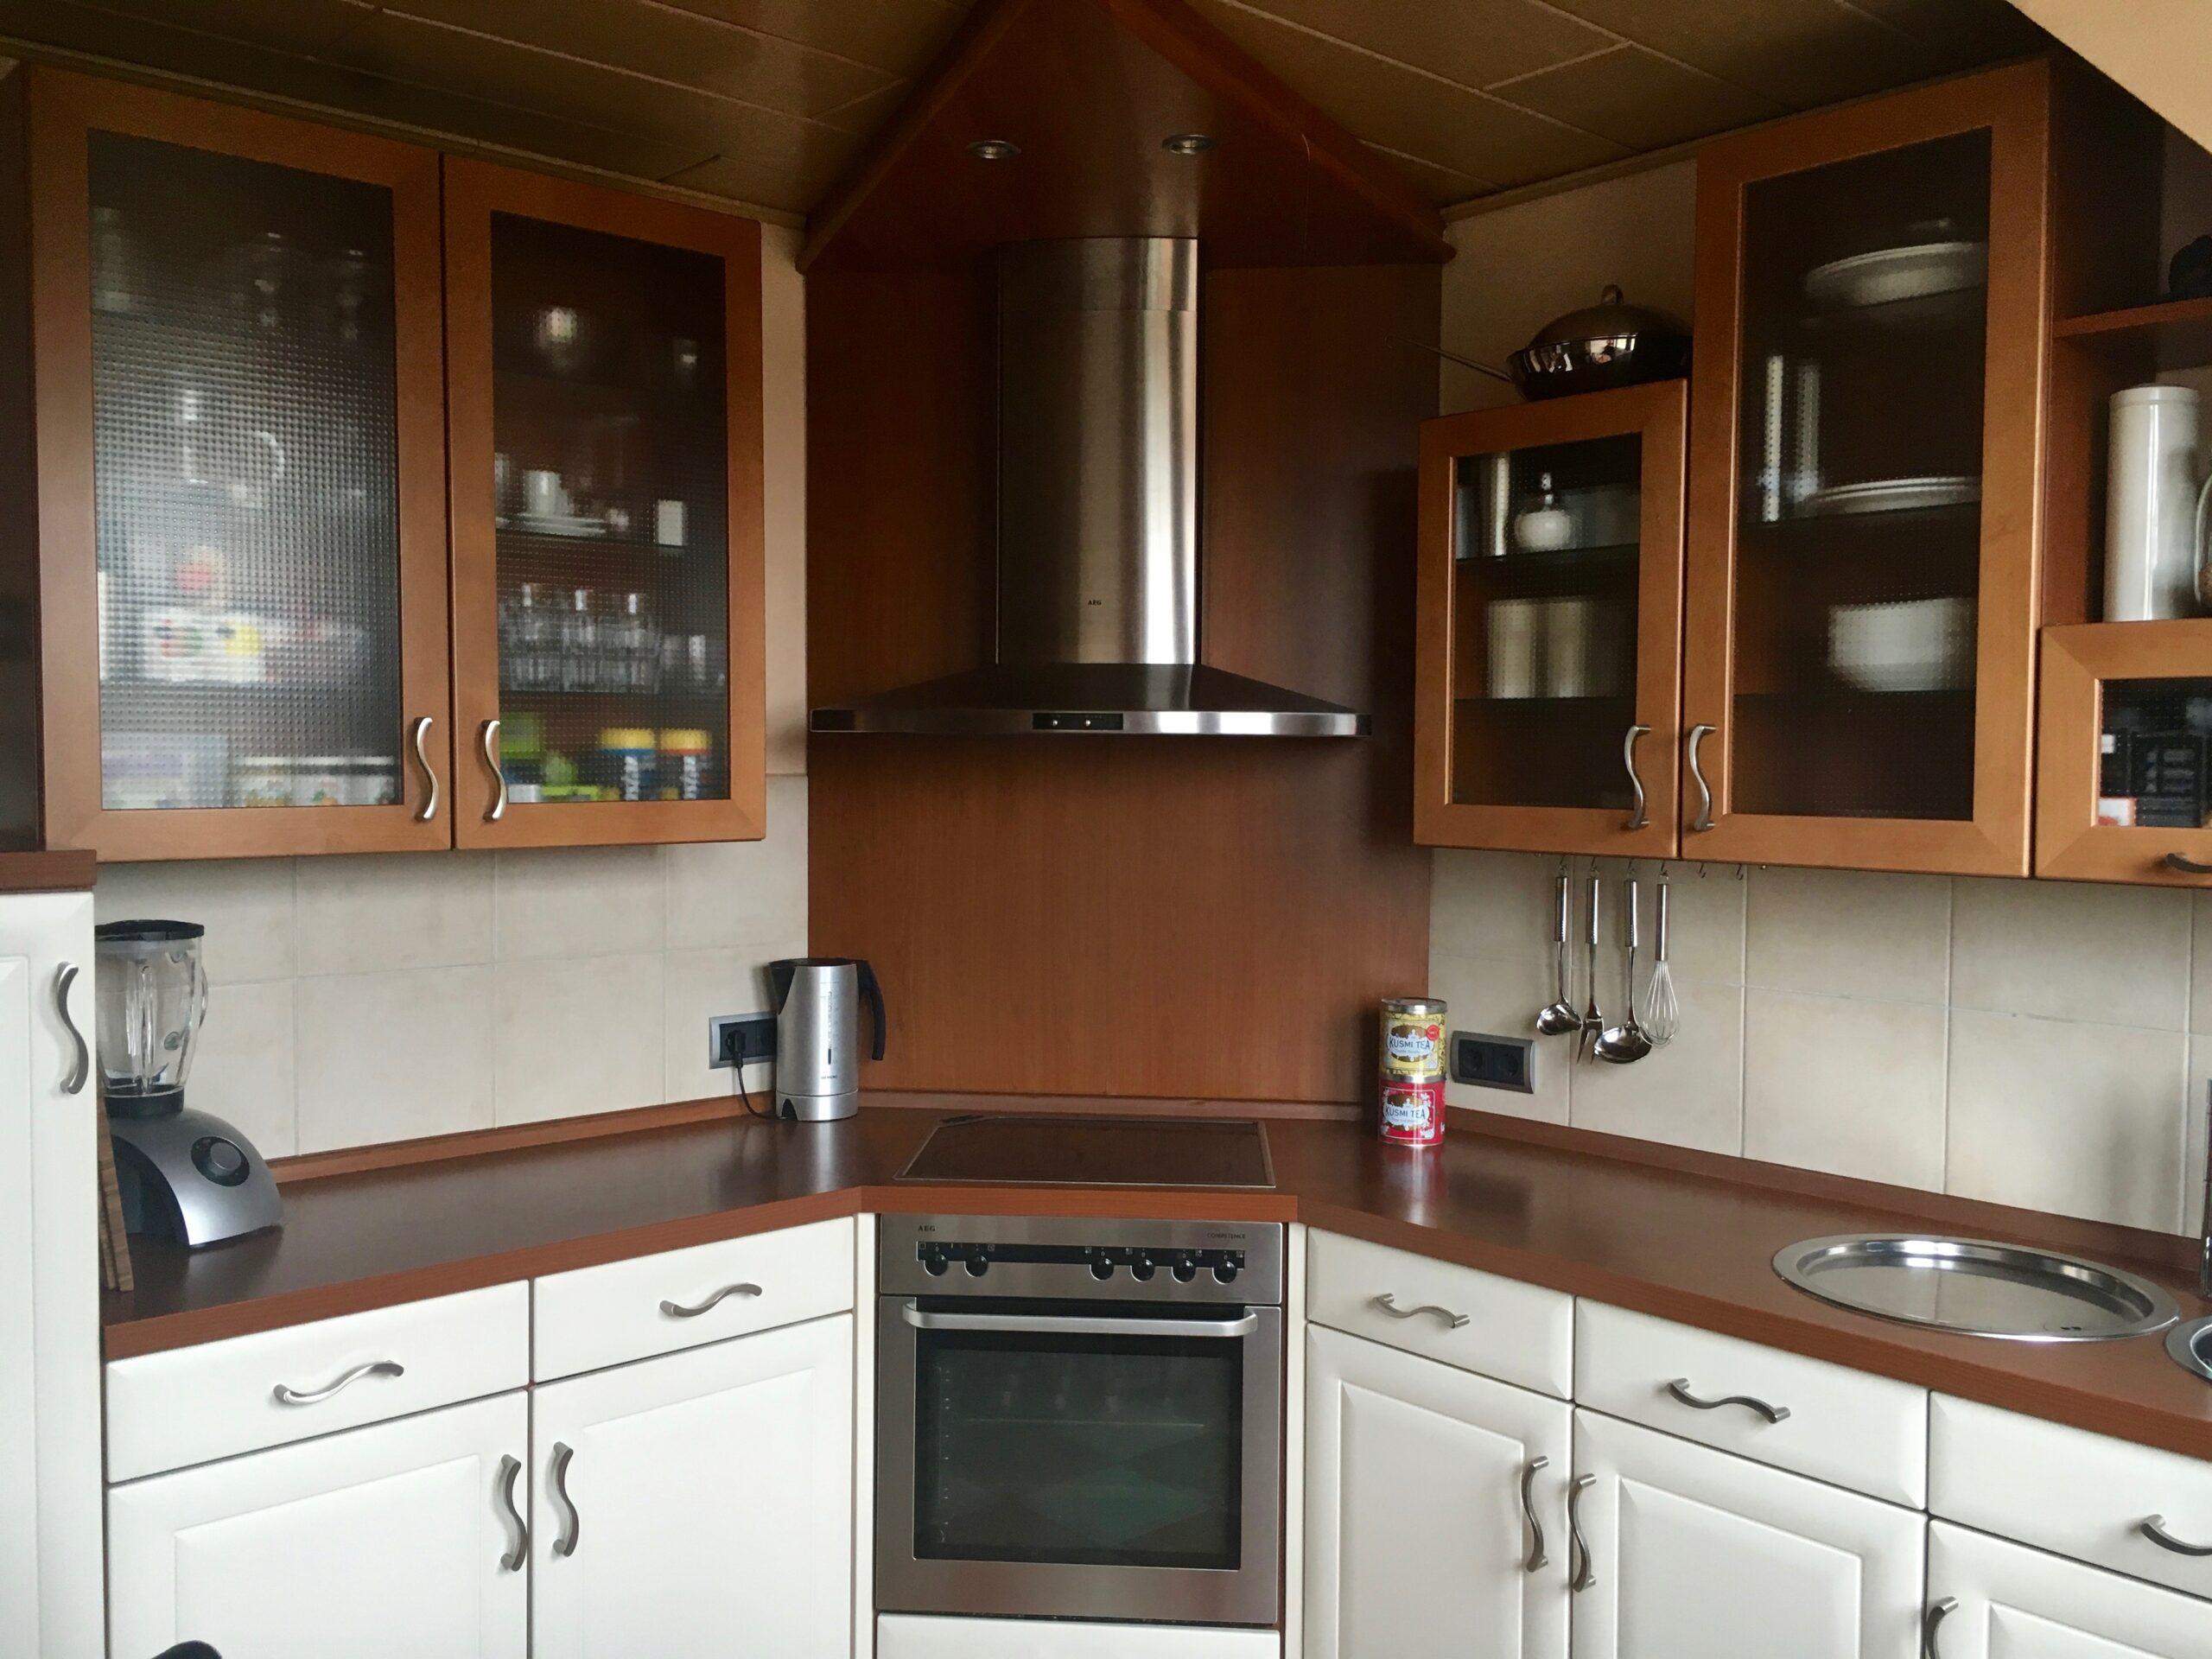 Full Size of Dusche Kaufen Sofa Günstig Gebrauchte Betten Küchen Regal Fenster Küche Online In Polen Amerikanische Bett Aus Paletten Wohnzimmer Gebrauchte Küchen Kaufen